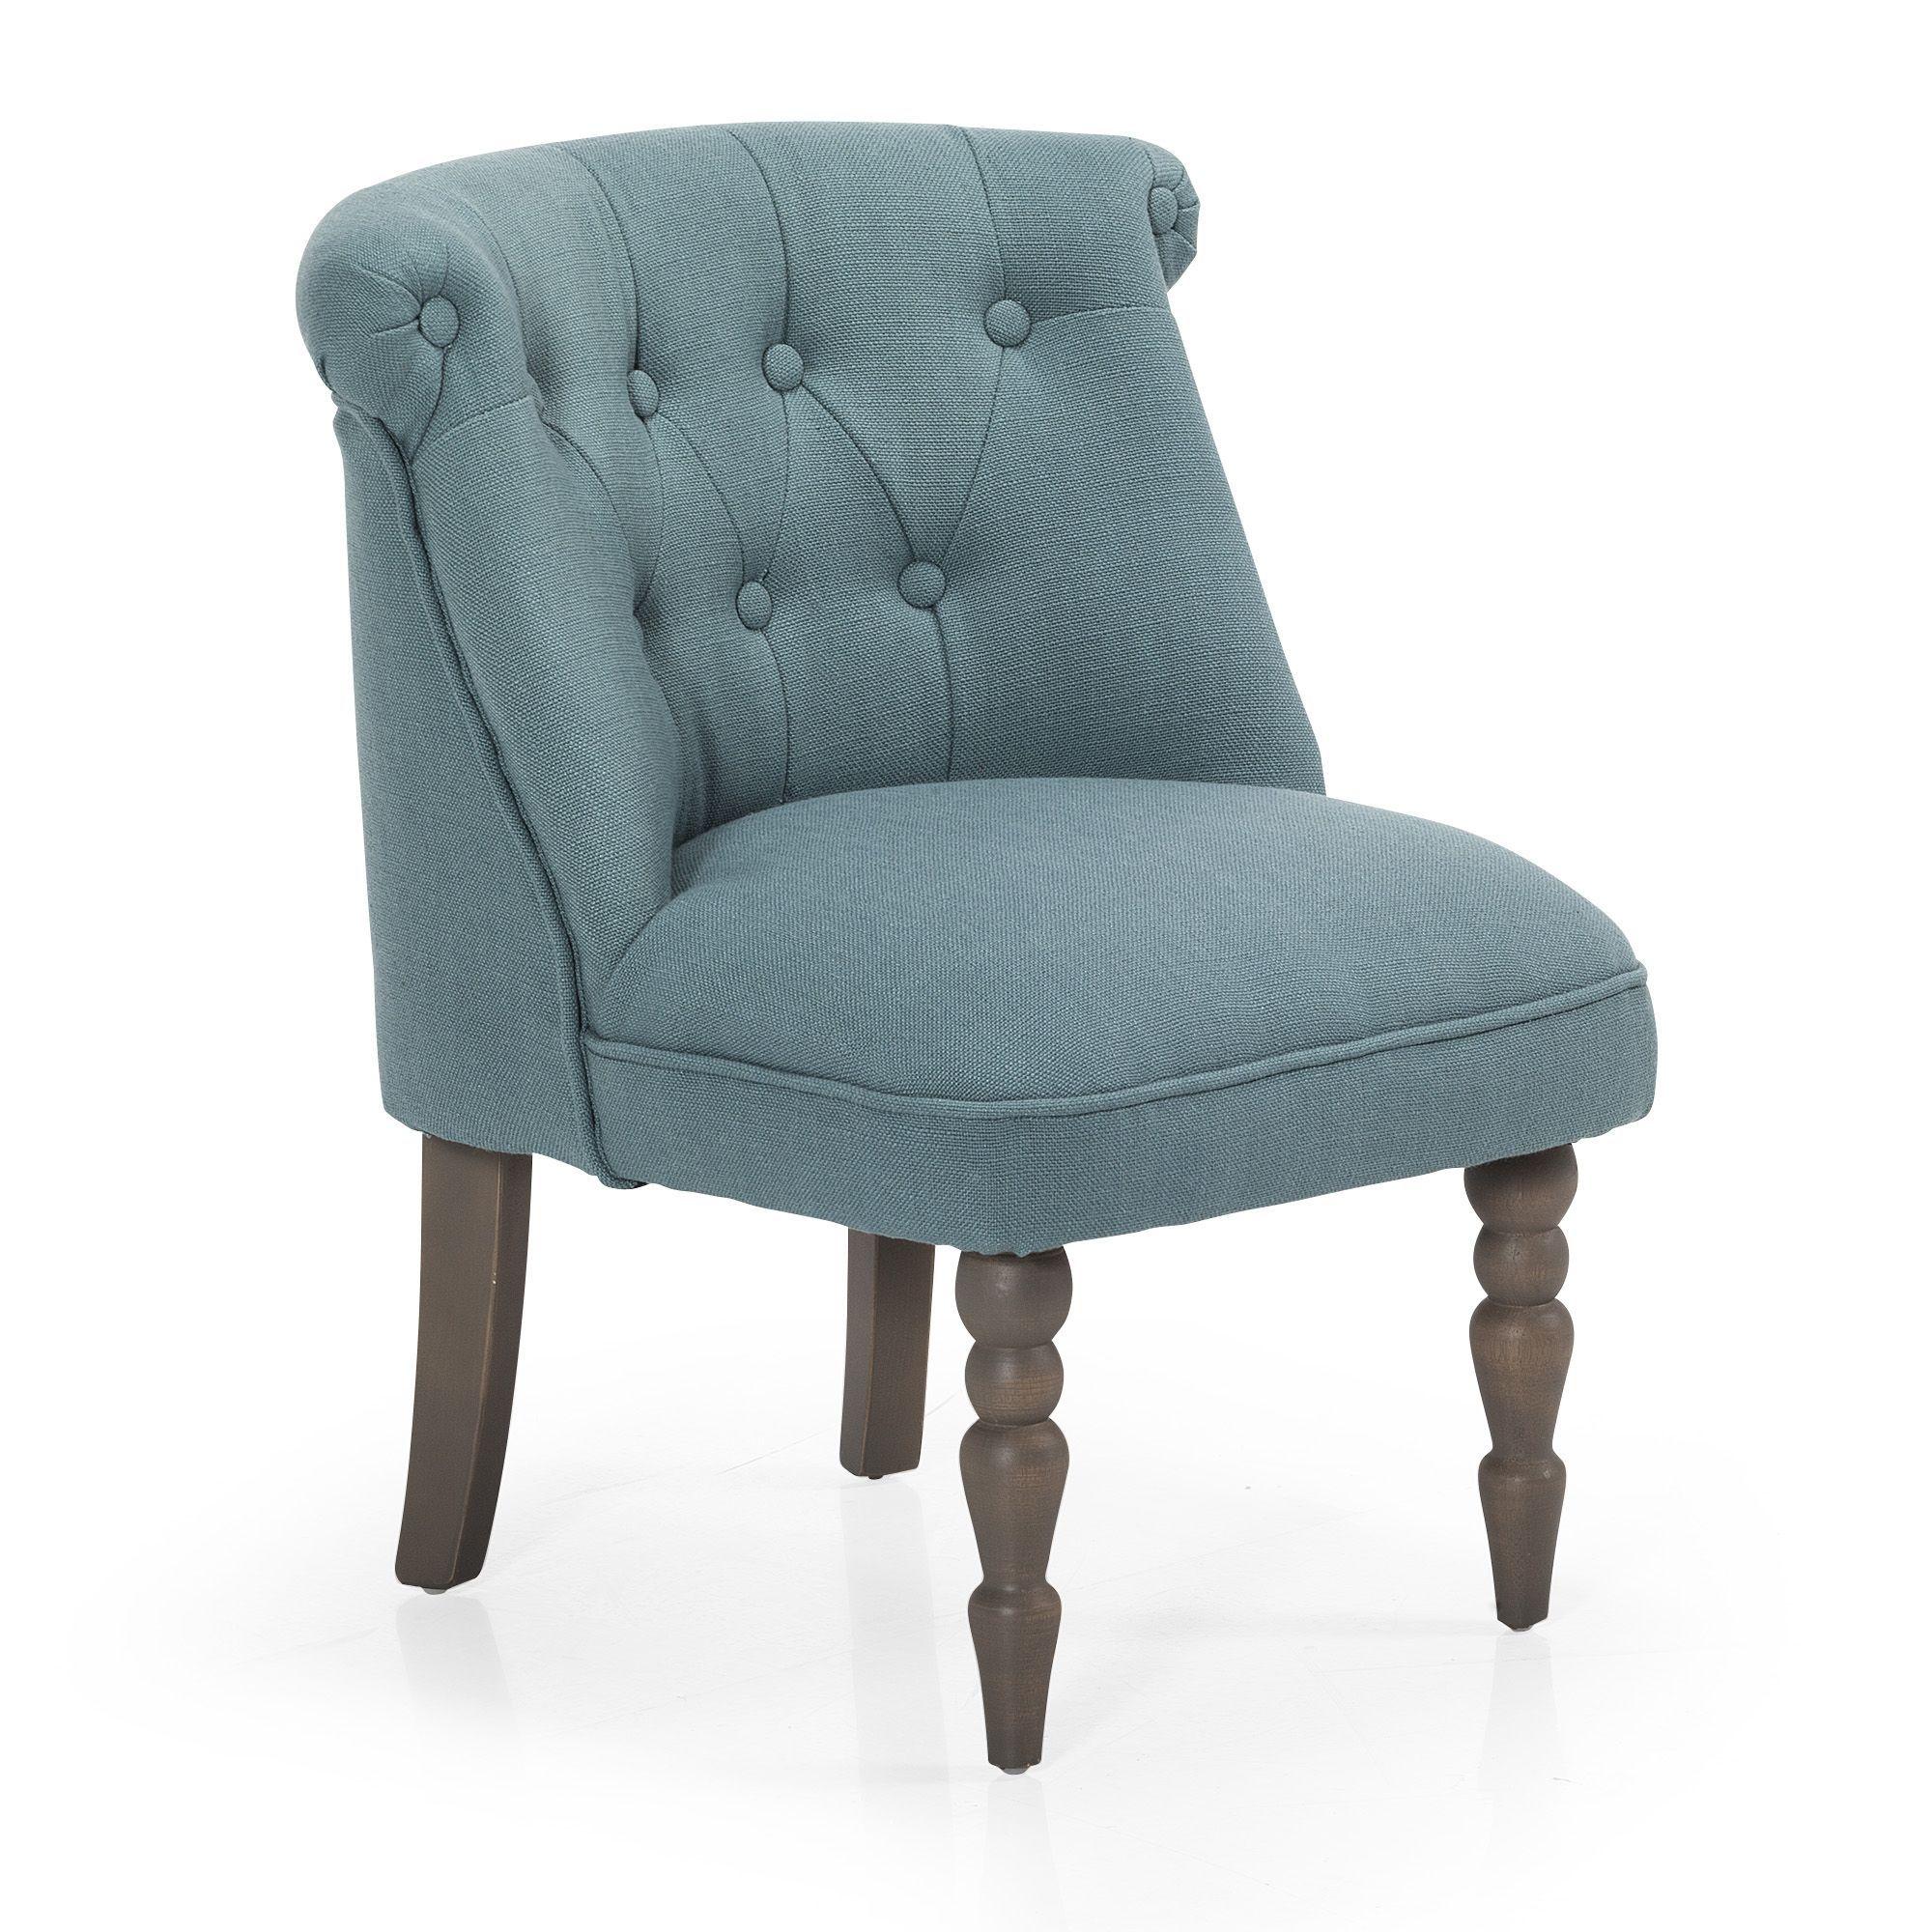 fauteuil style crapaud pour enfant bleu bleu mini. Black Bedroom Furniture Sets. Home Design Ideas